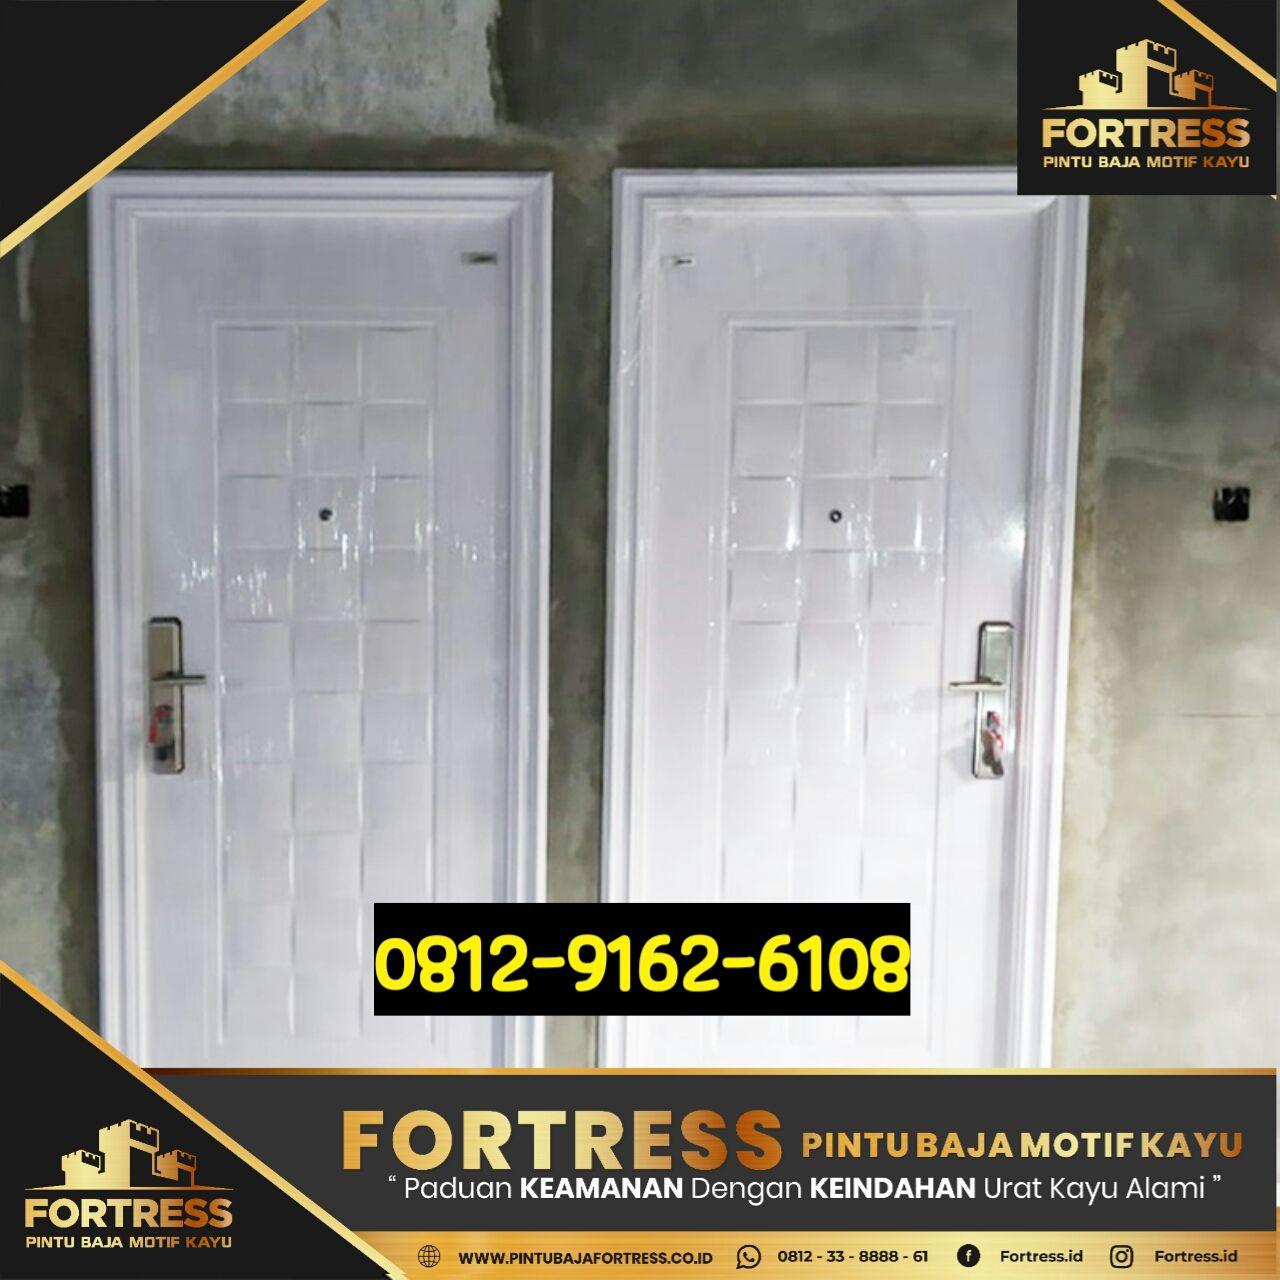 0812-9162-6105 (FOTRESS), the price of steel folding doors, screen doors …